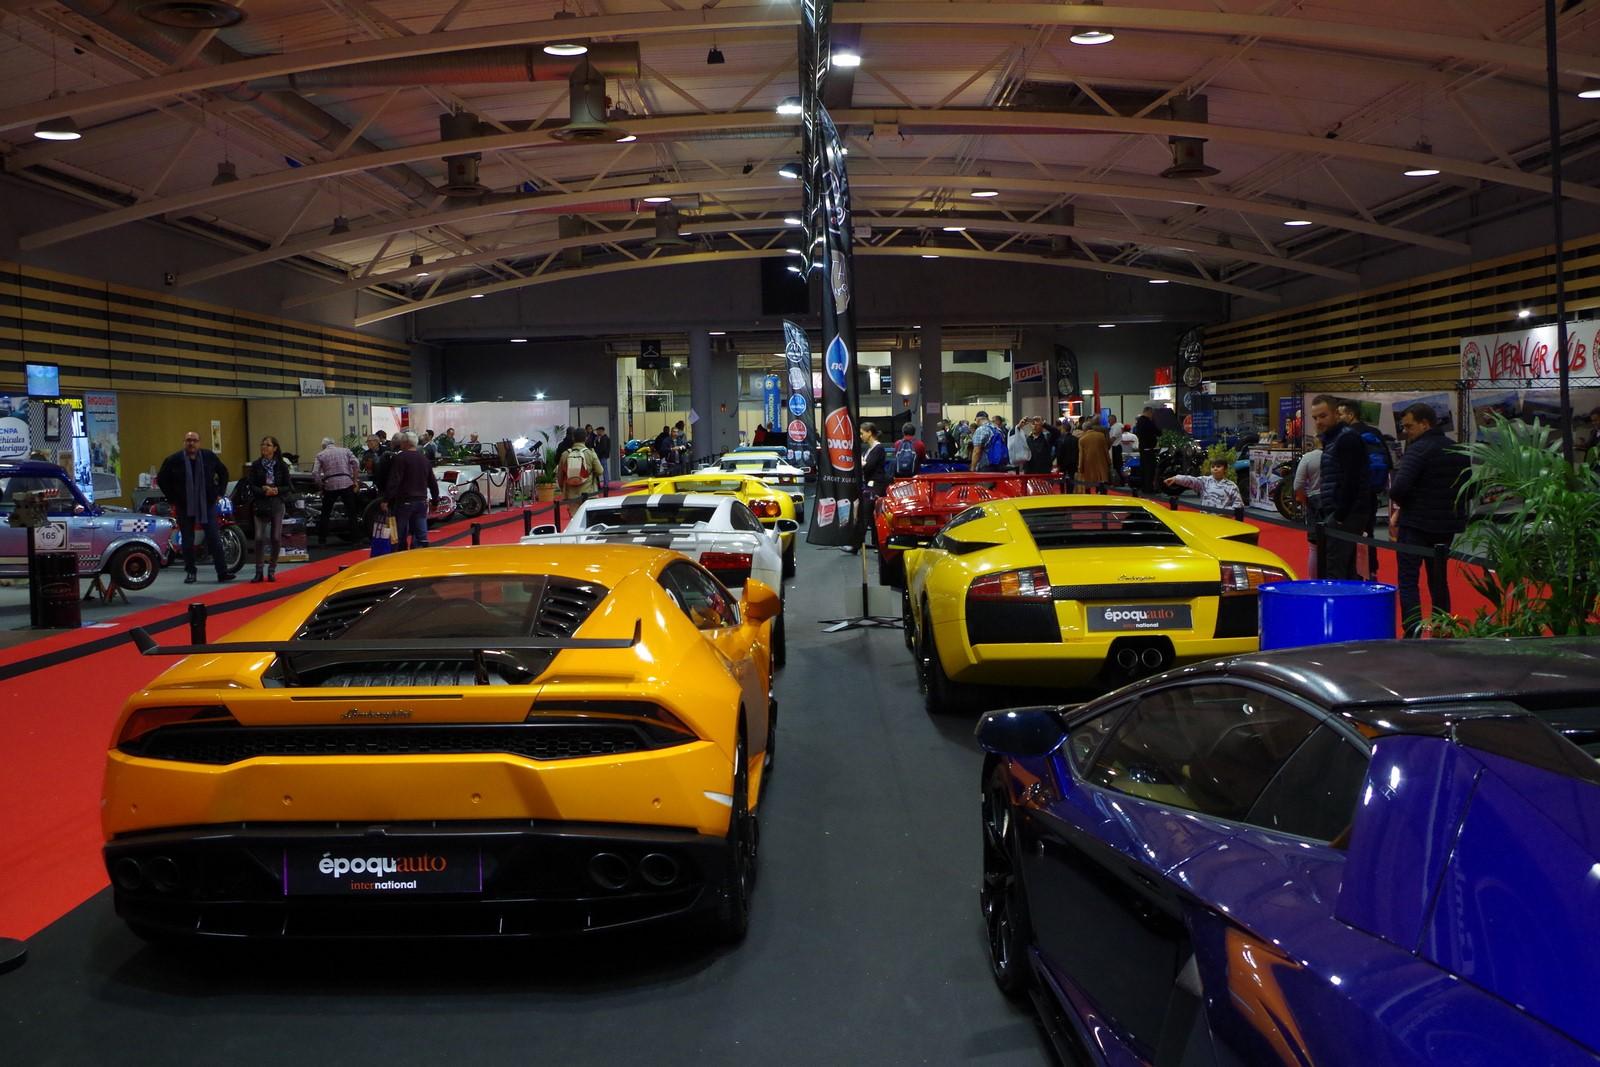 Exposition Lamborghini EpoquAuto 2018 69